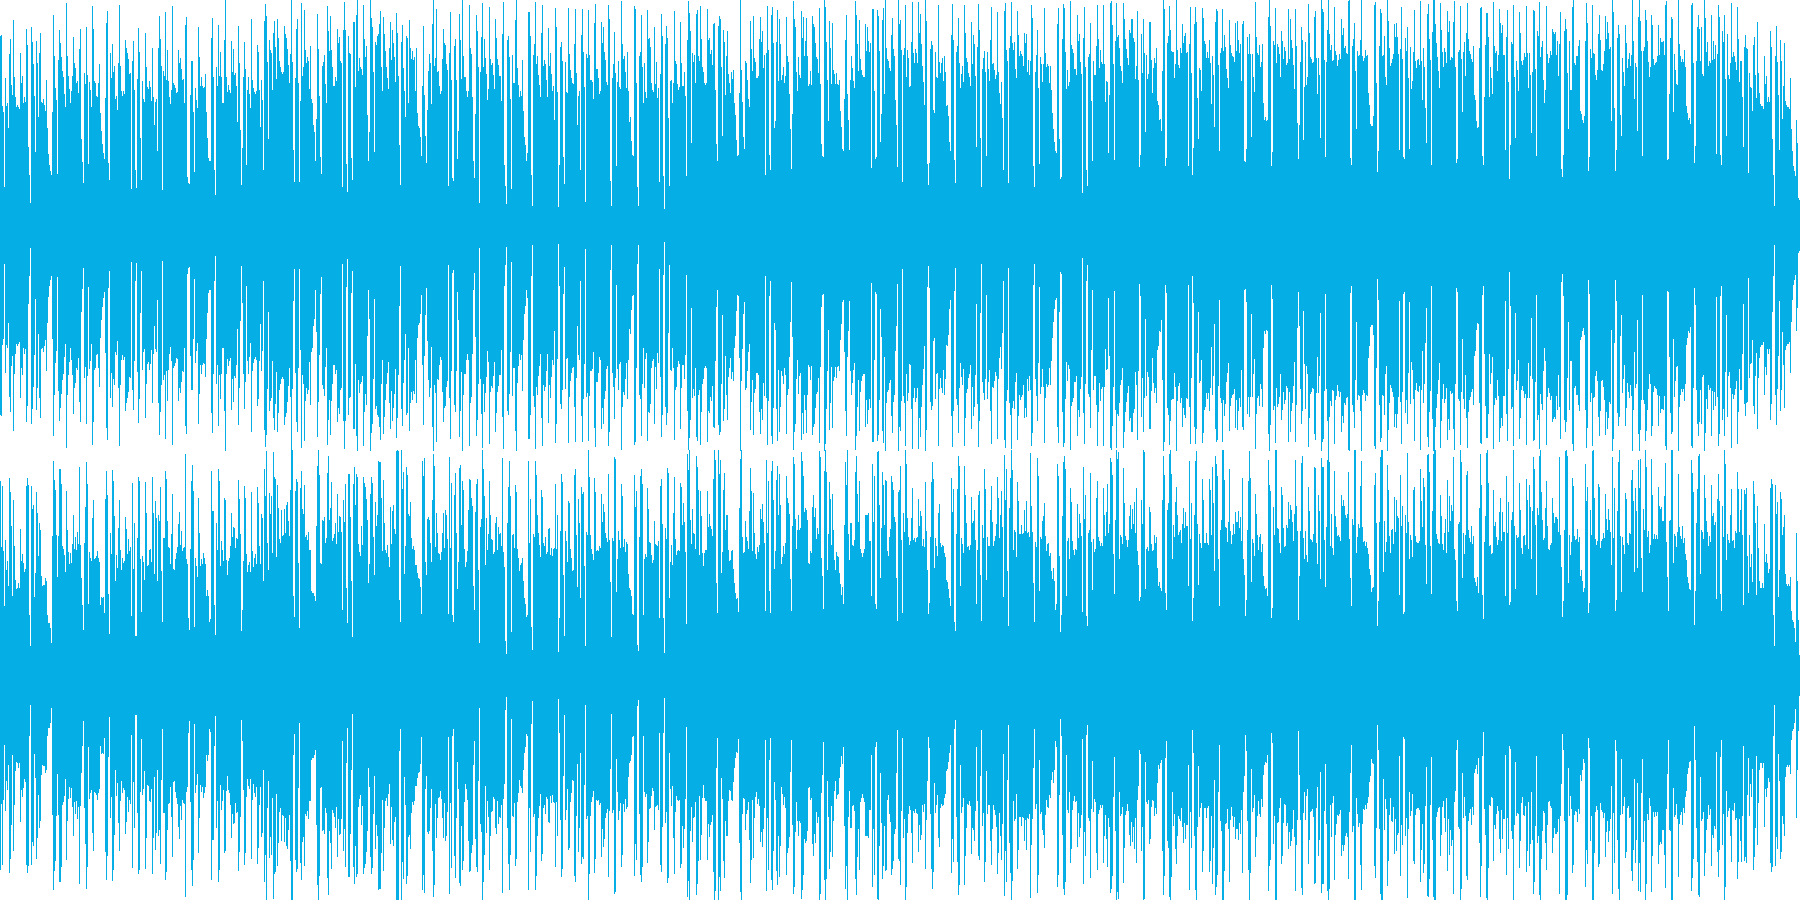 悪い雰囲気のヒップホップっぽいBGMの再生済みの波形